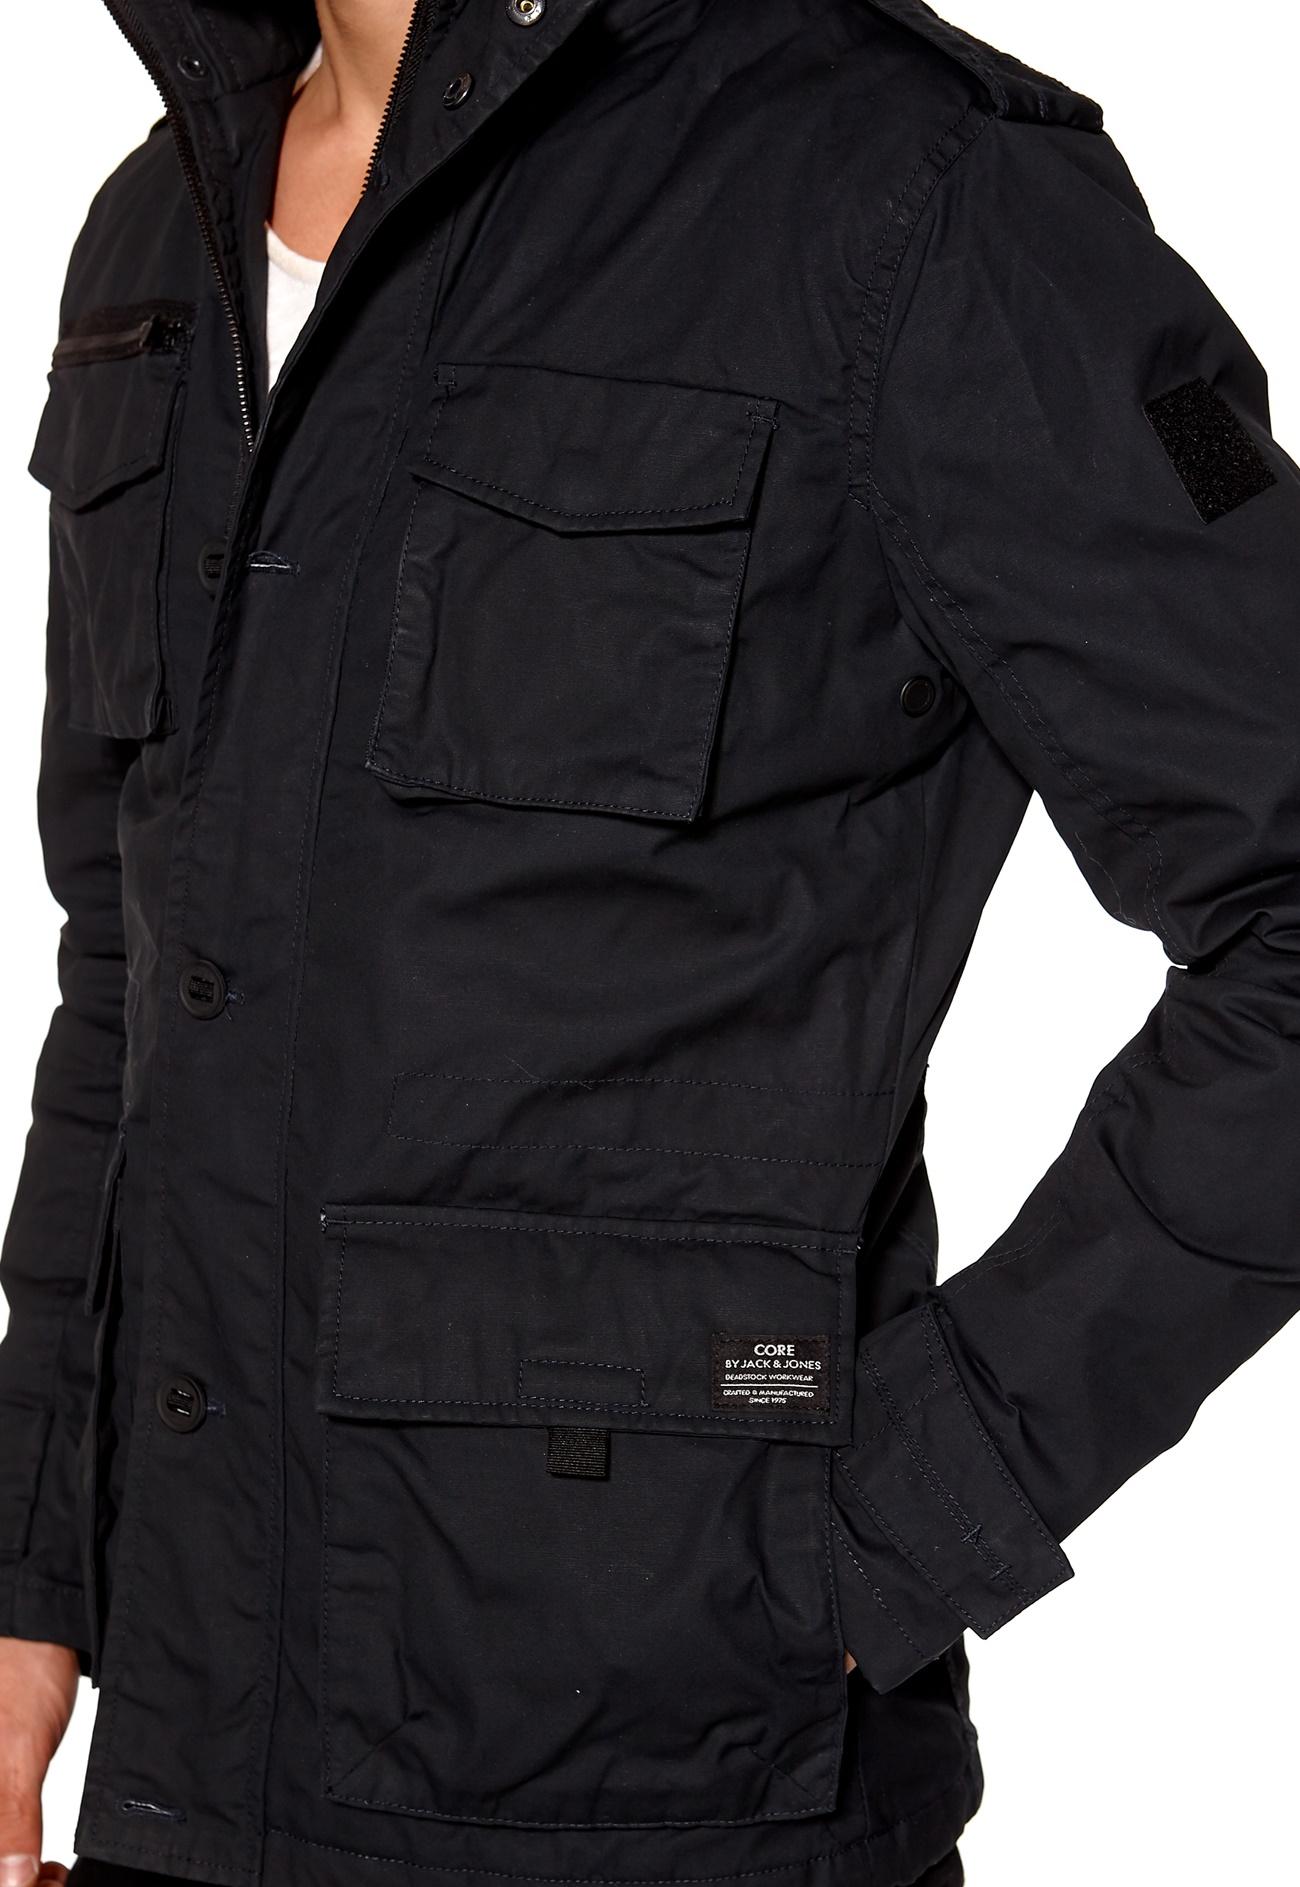 jack jones oil short parka jacket jackets coats jackets. Black Bedroom Furniture Sets. Home Design Ideas